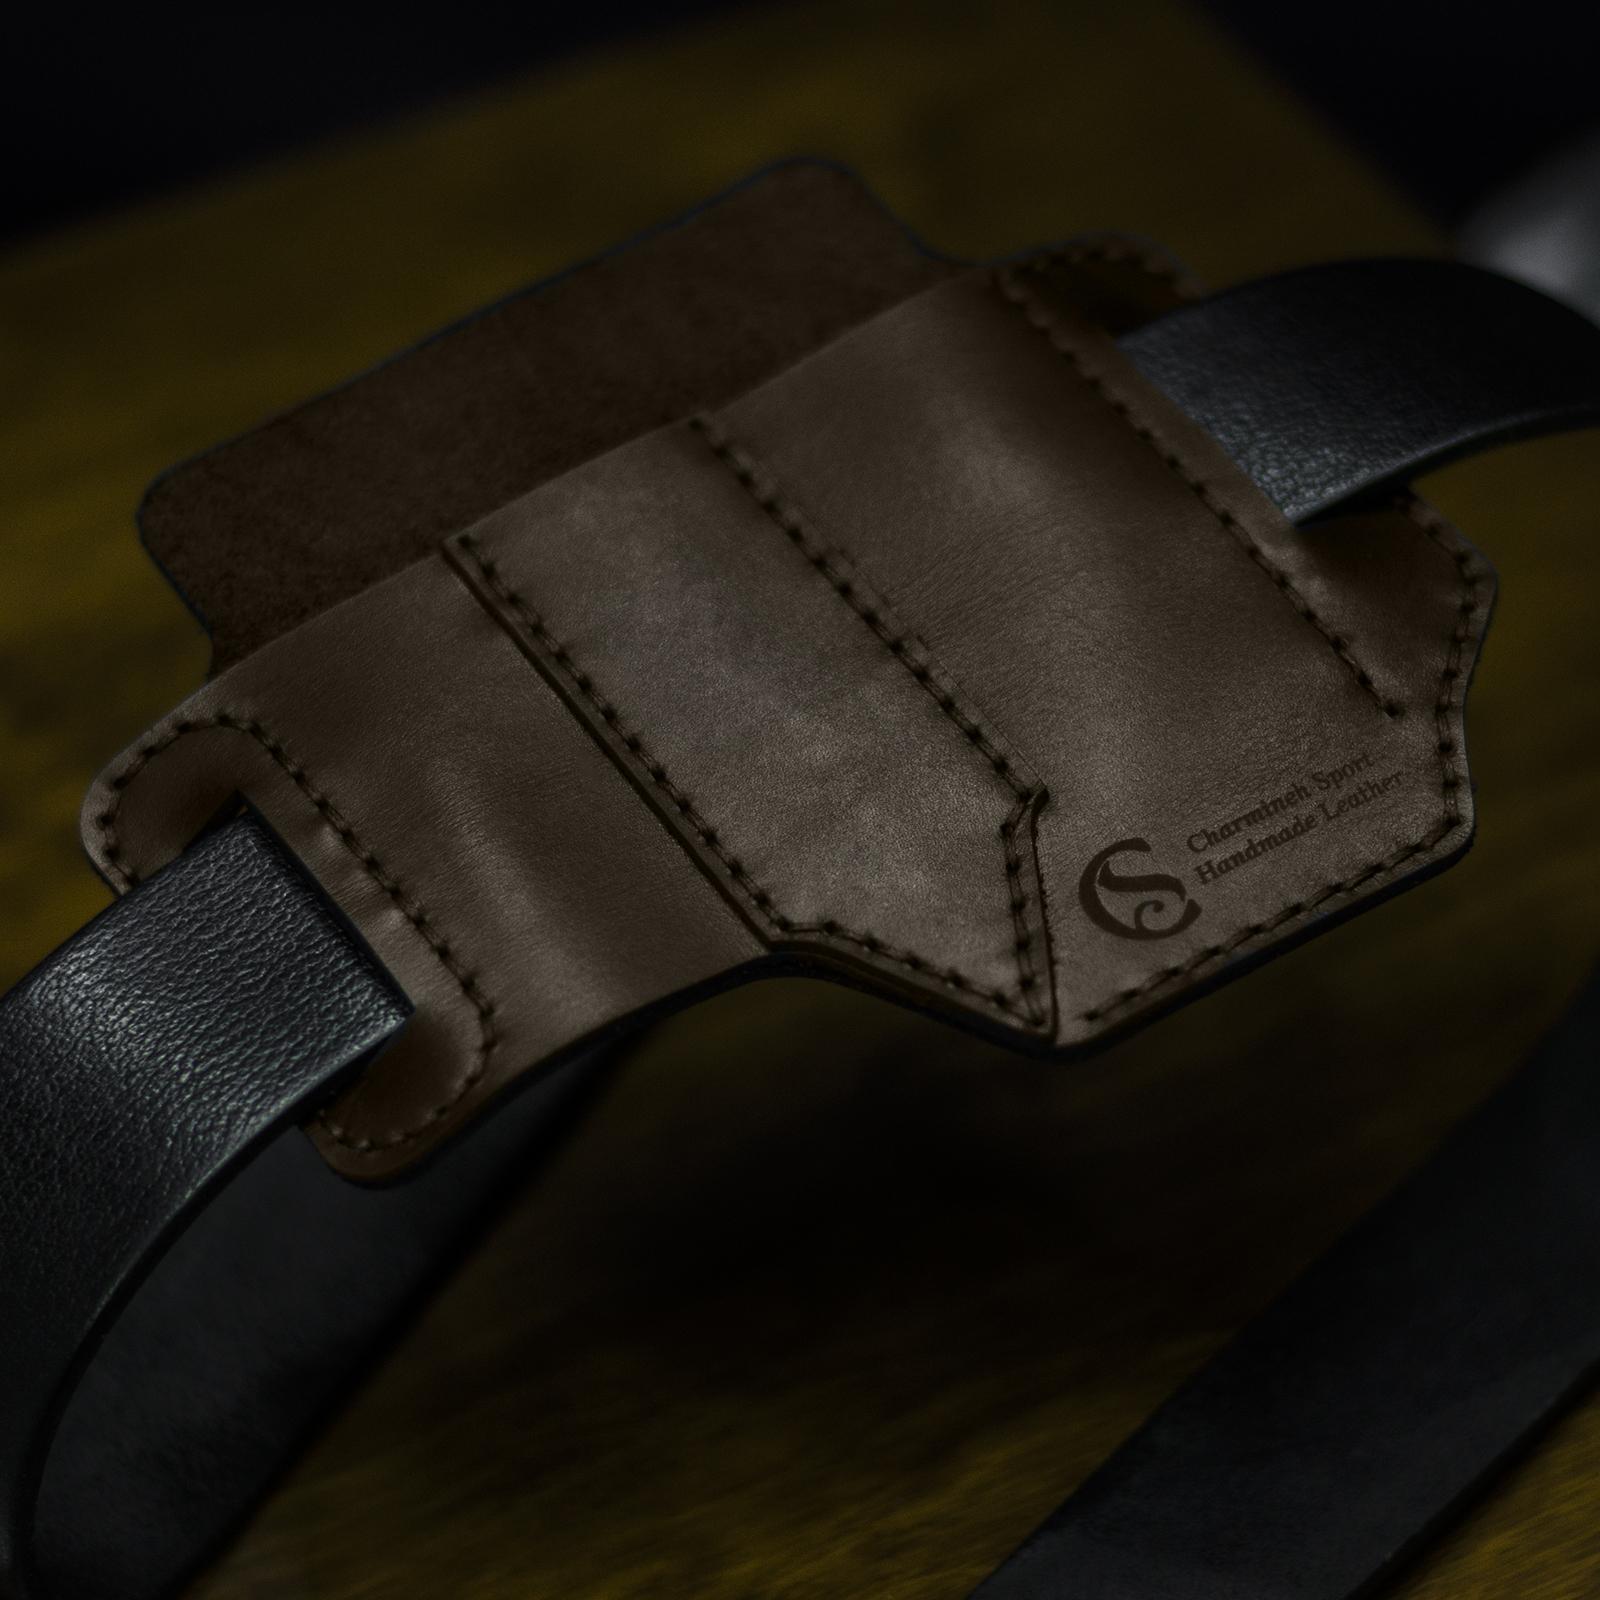 کیف کمری چاقو و چراغ قوه چرمینه اسپرت کد 79KN